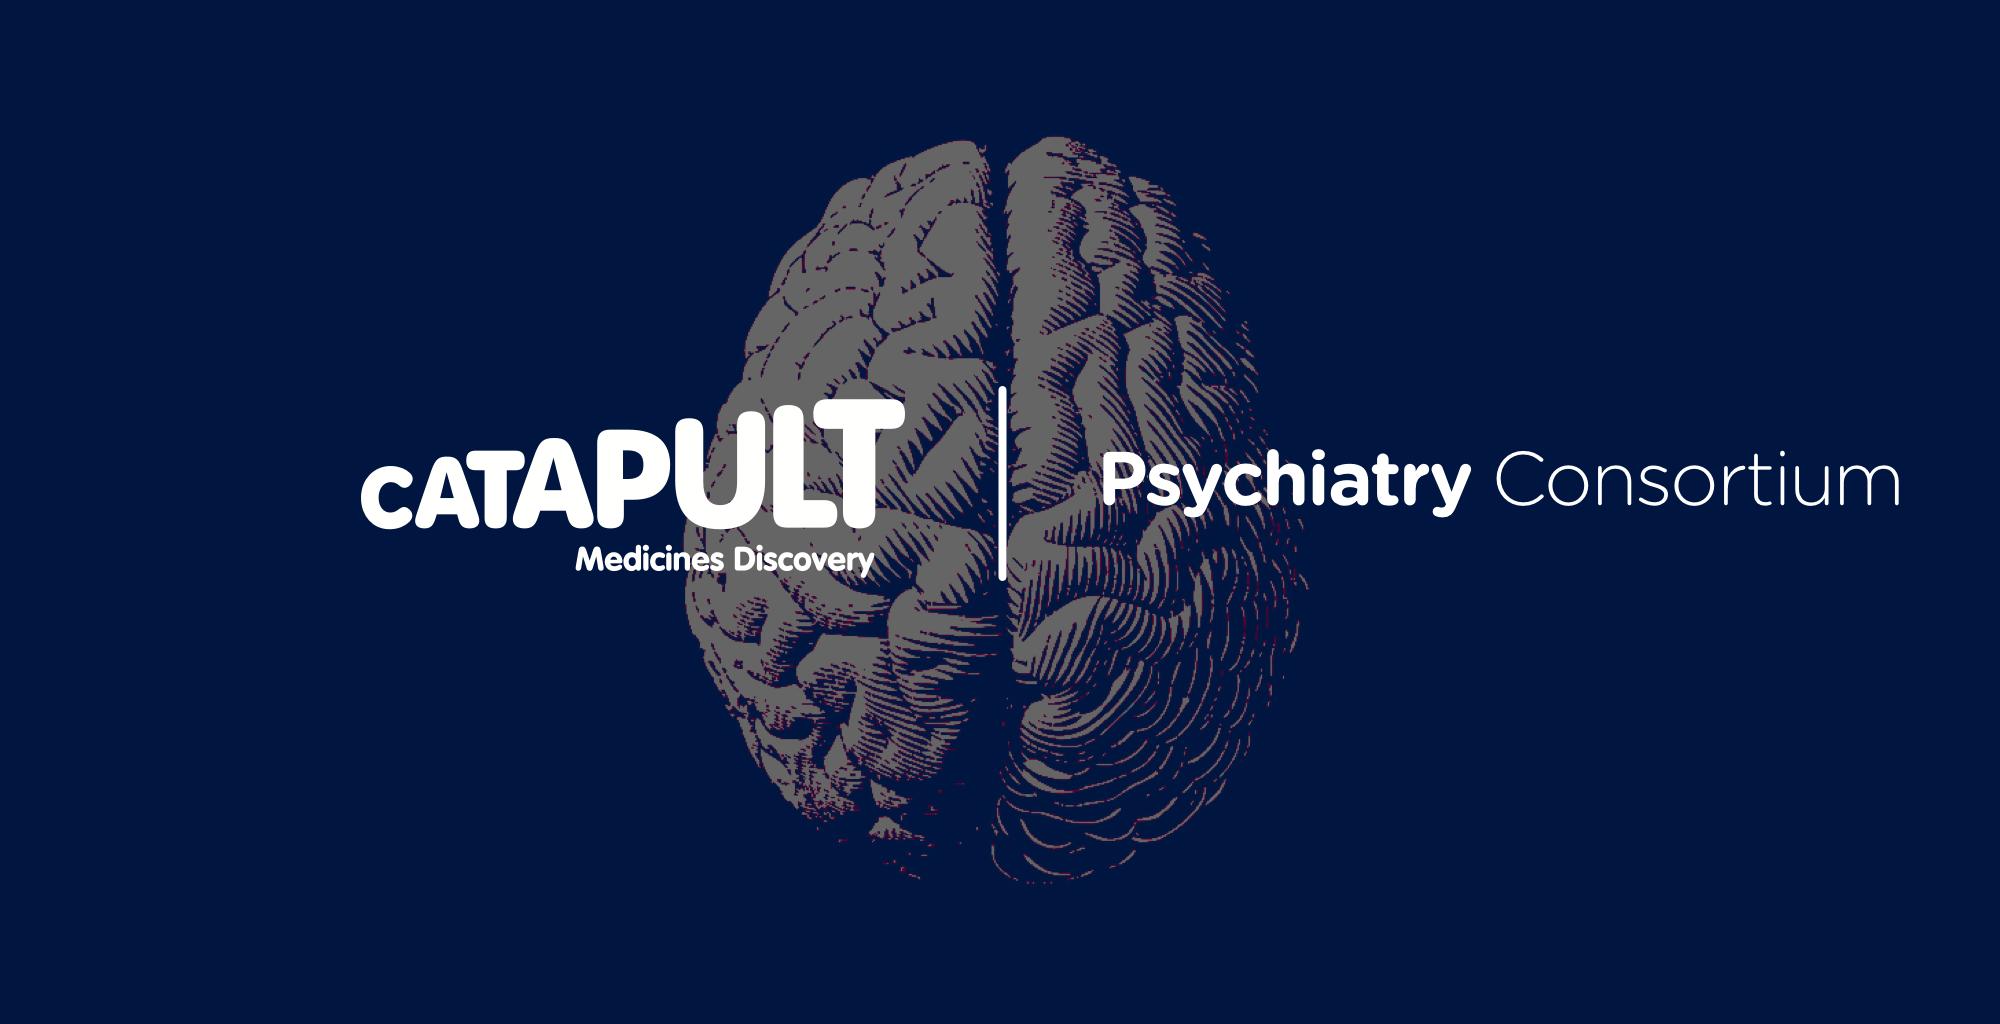 psychiatry-consortium-large.png